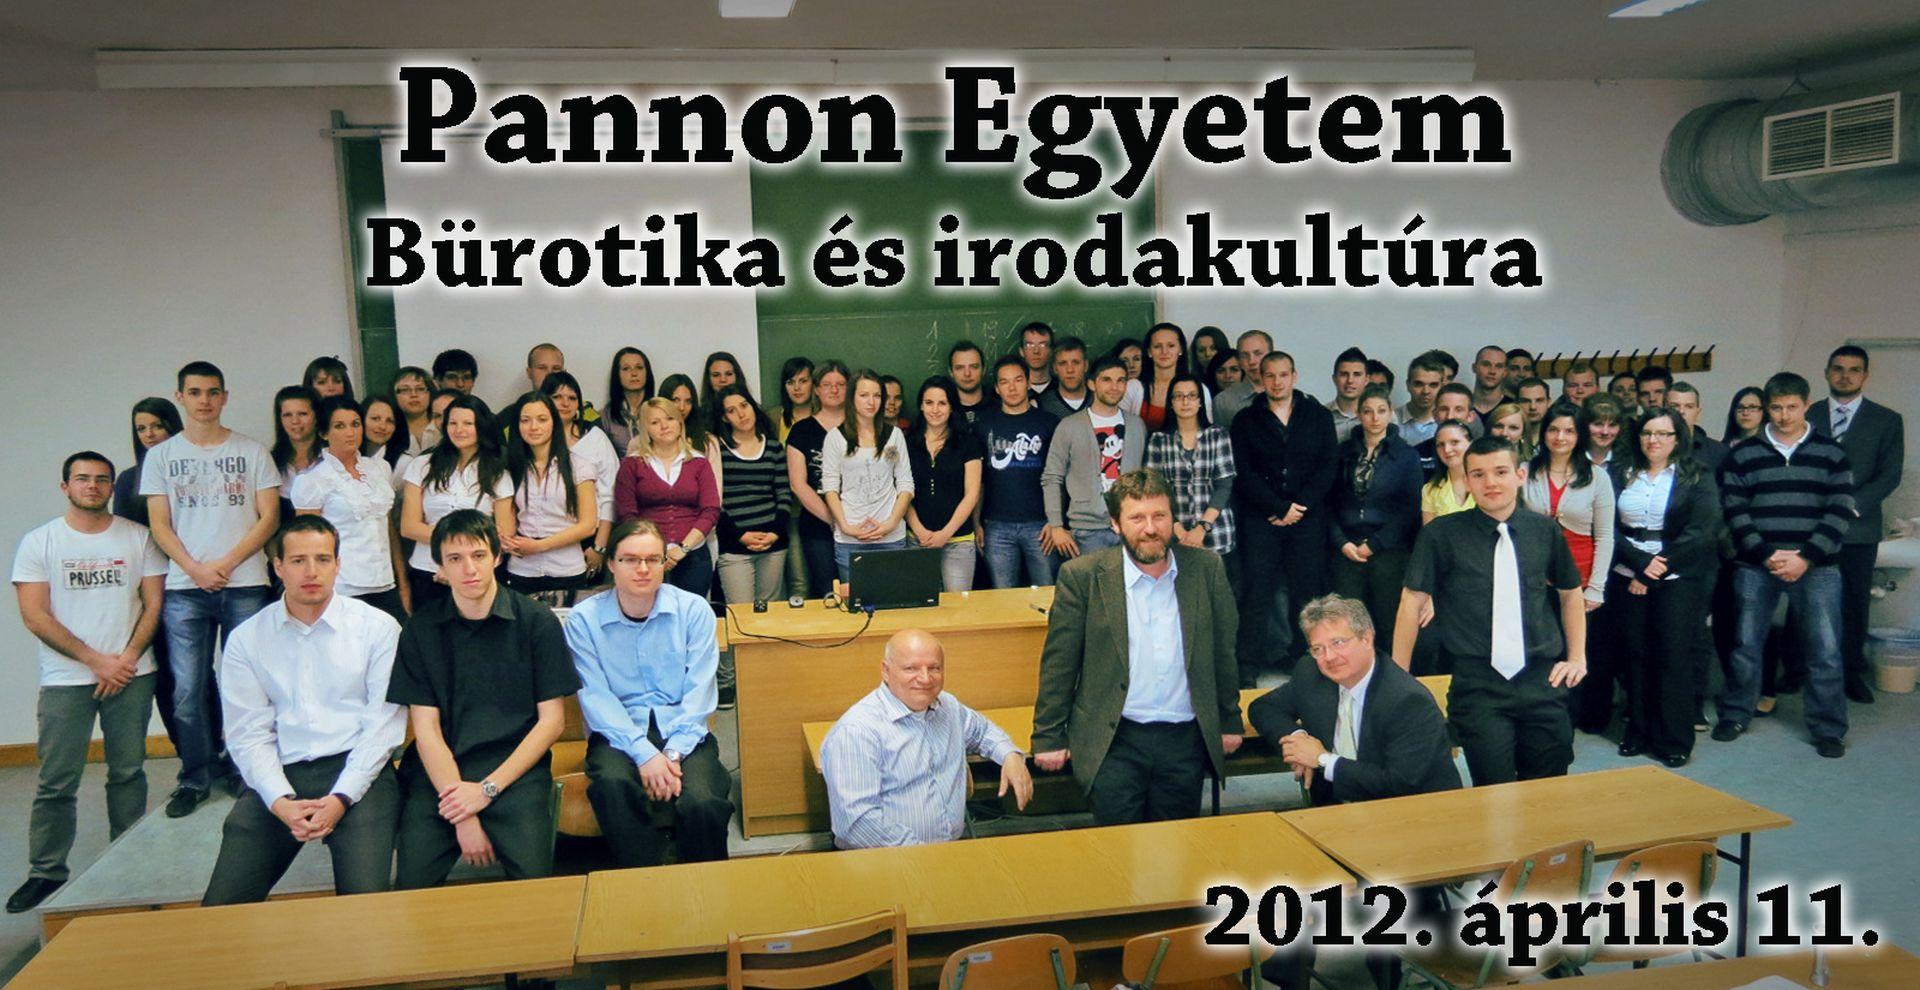 Pannon_burotika_2012_04_11_v002_resize1920.jpg